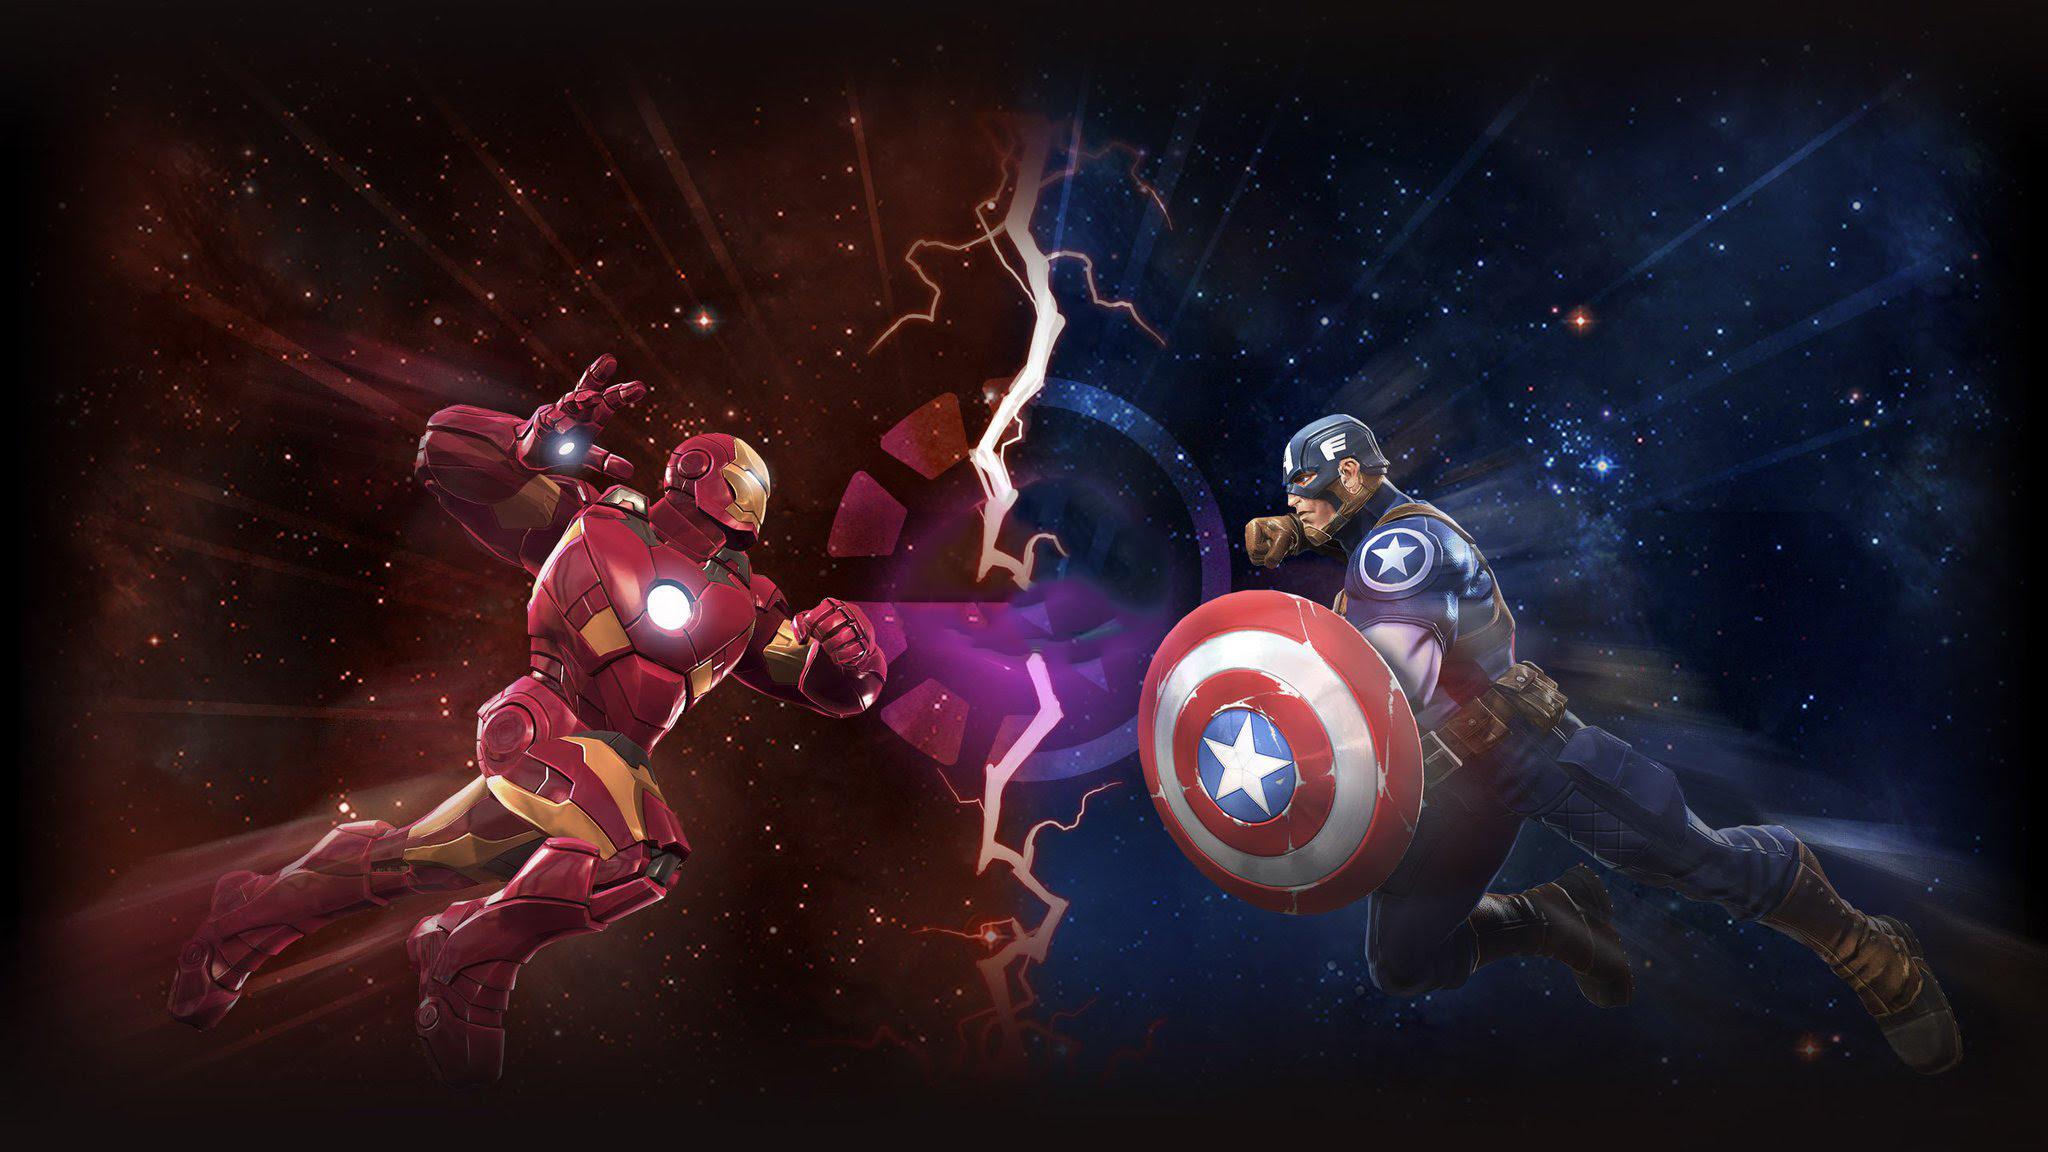 Unduh 700+ Wallpaper Hd Marvel HD Gratid